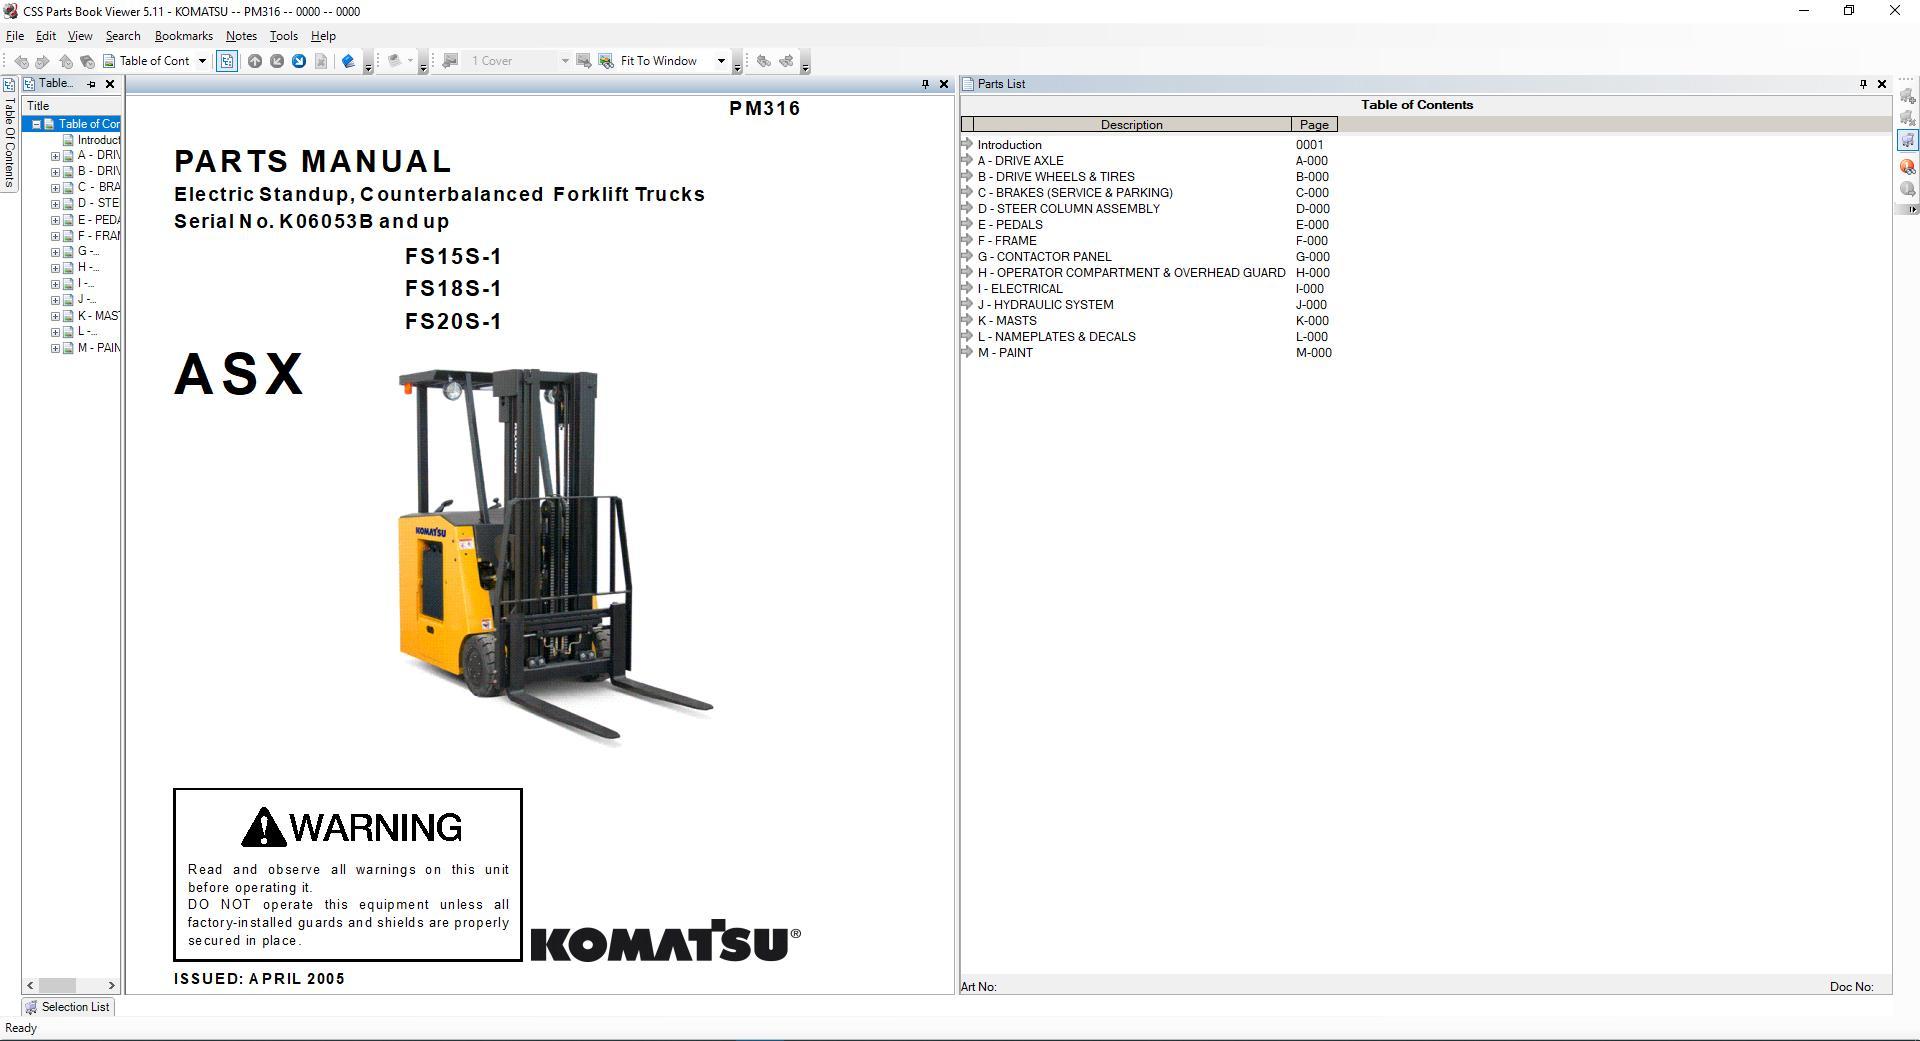 Komatsu_Forklift_USA_CSS_Part_EPC_1020192